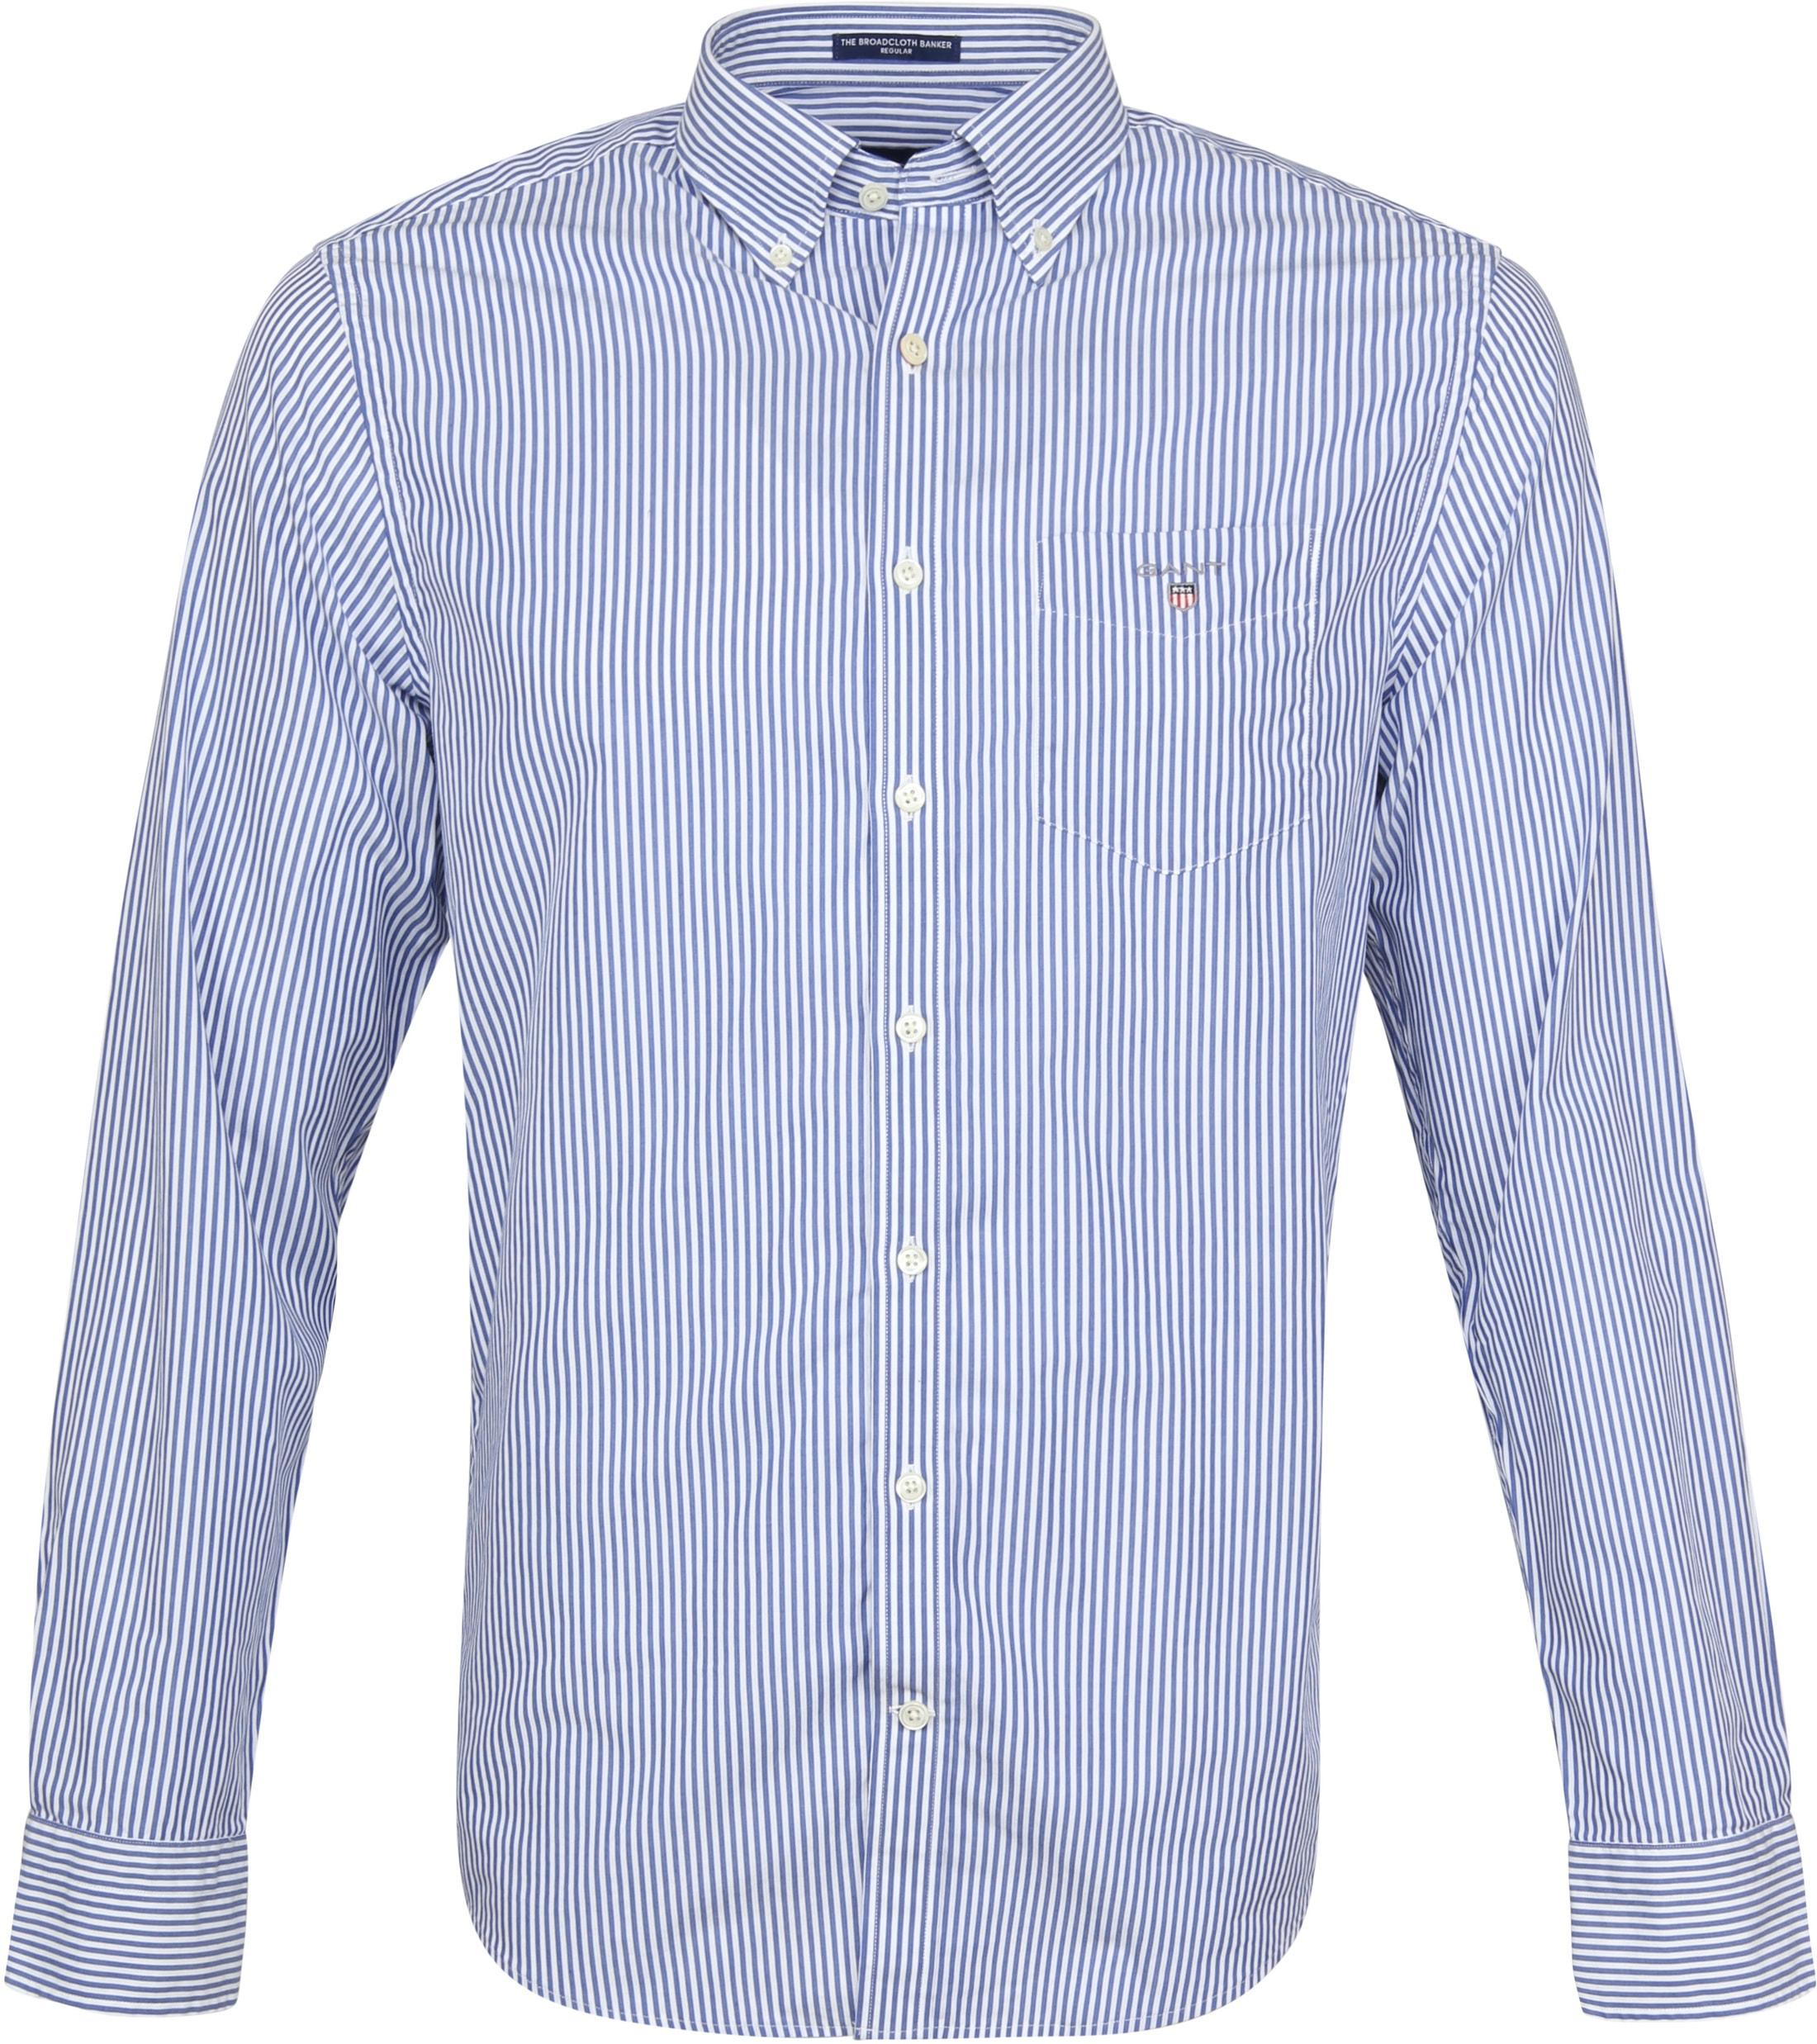 Gant Casual Overhemd Strepen Blauw foto 0